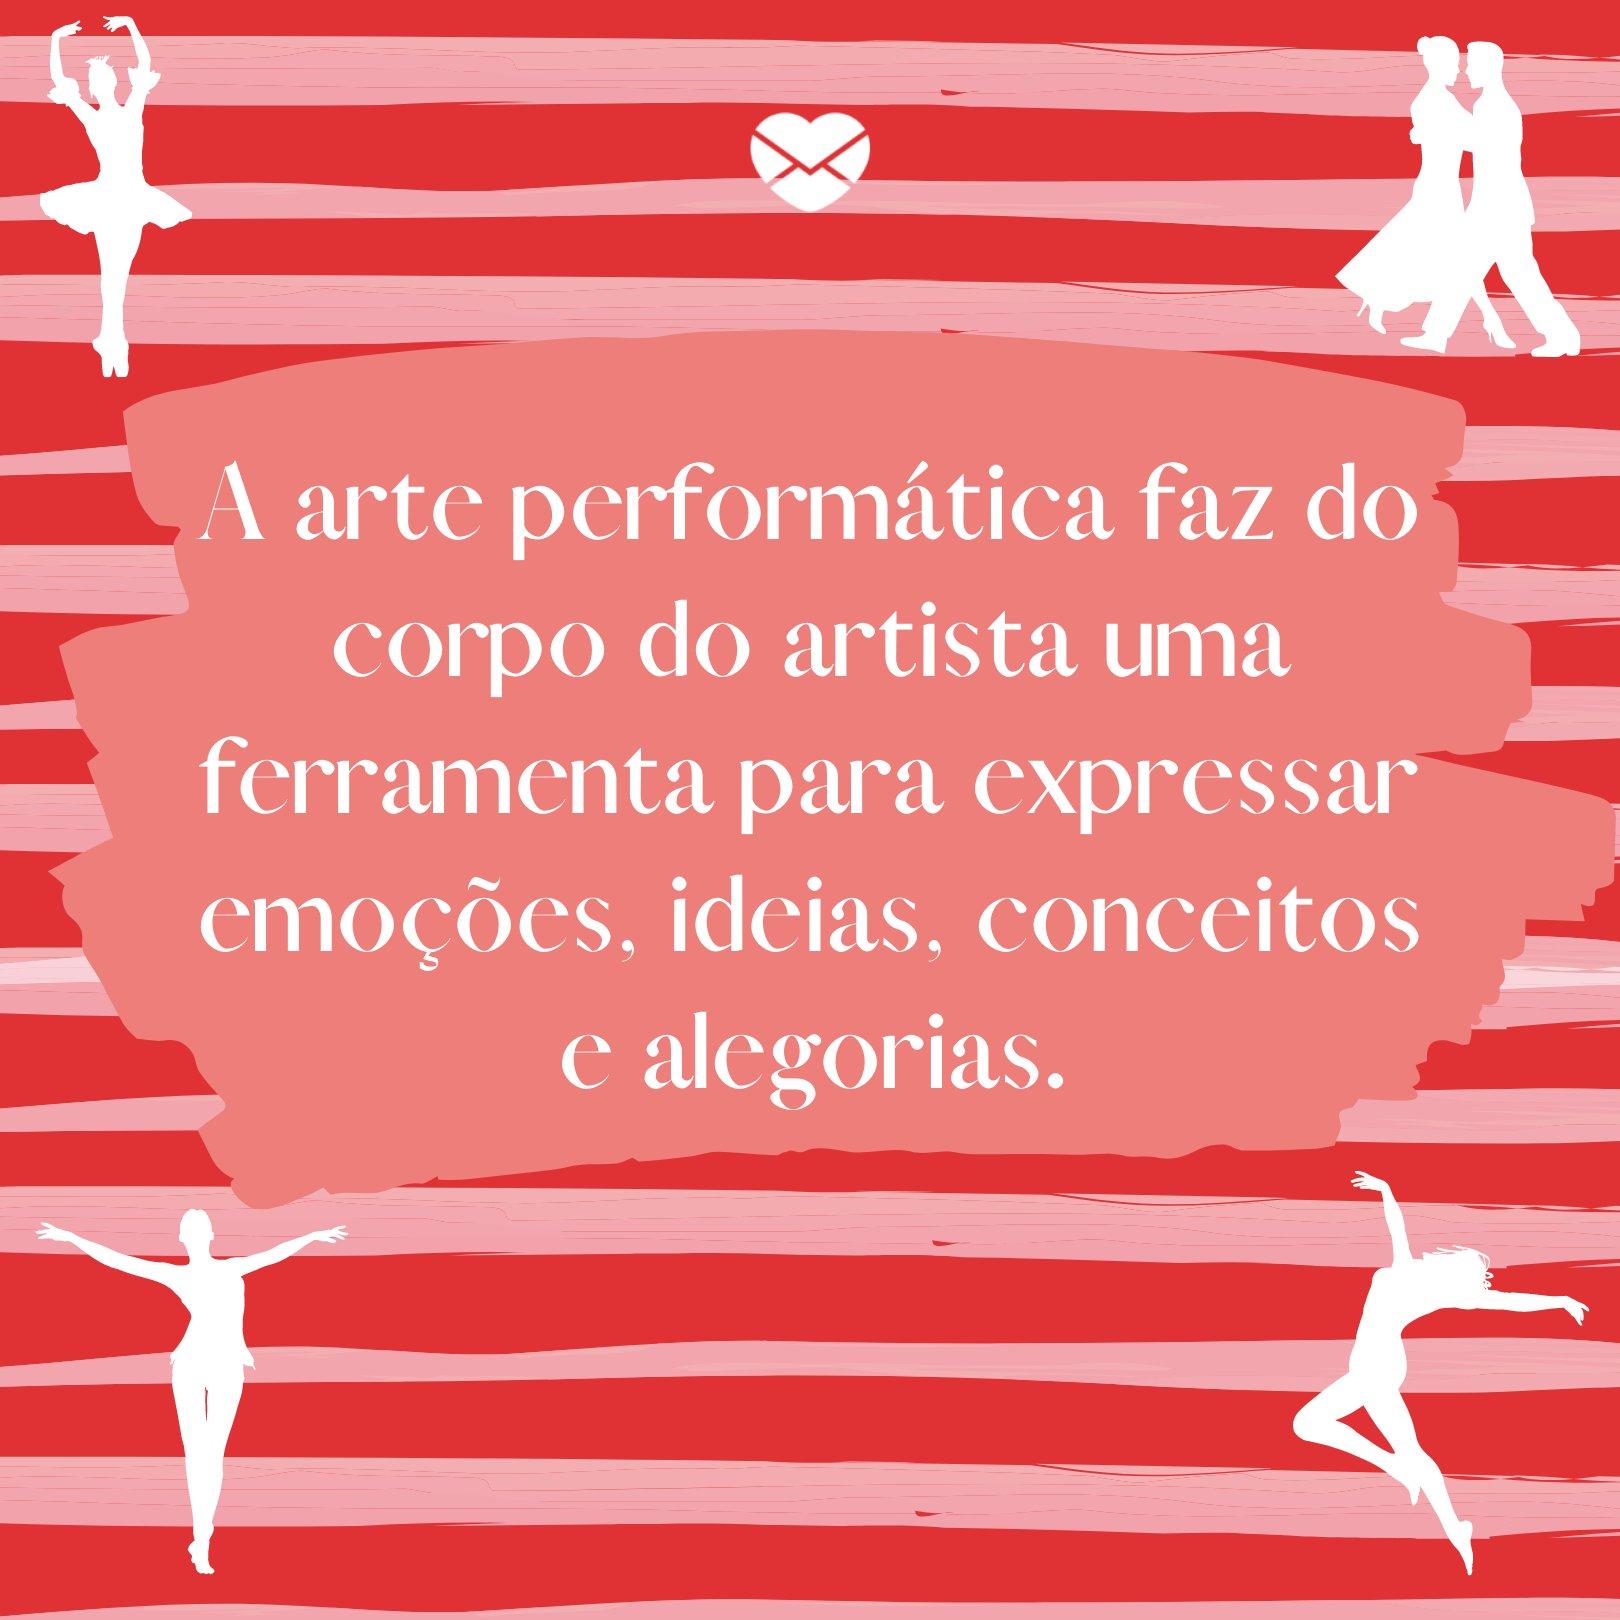 'A arte performática faz do corpo do artista uma ferramenta para expressar emoções, ideias, conceitos e alegorias. ' - Homenagens para dançarinos